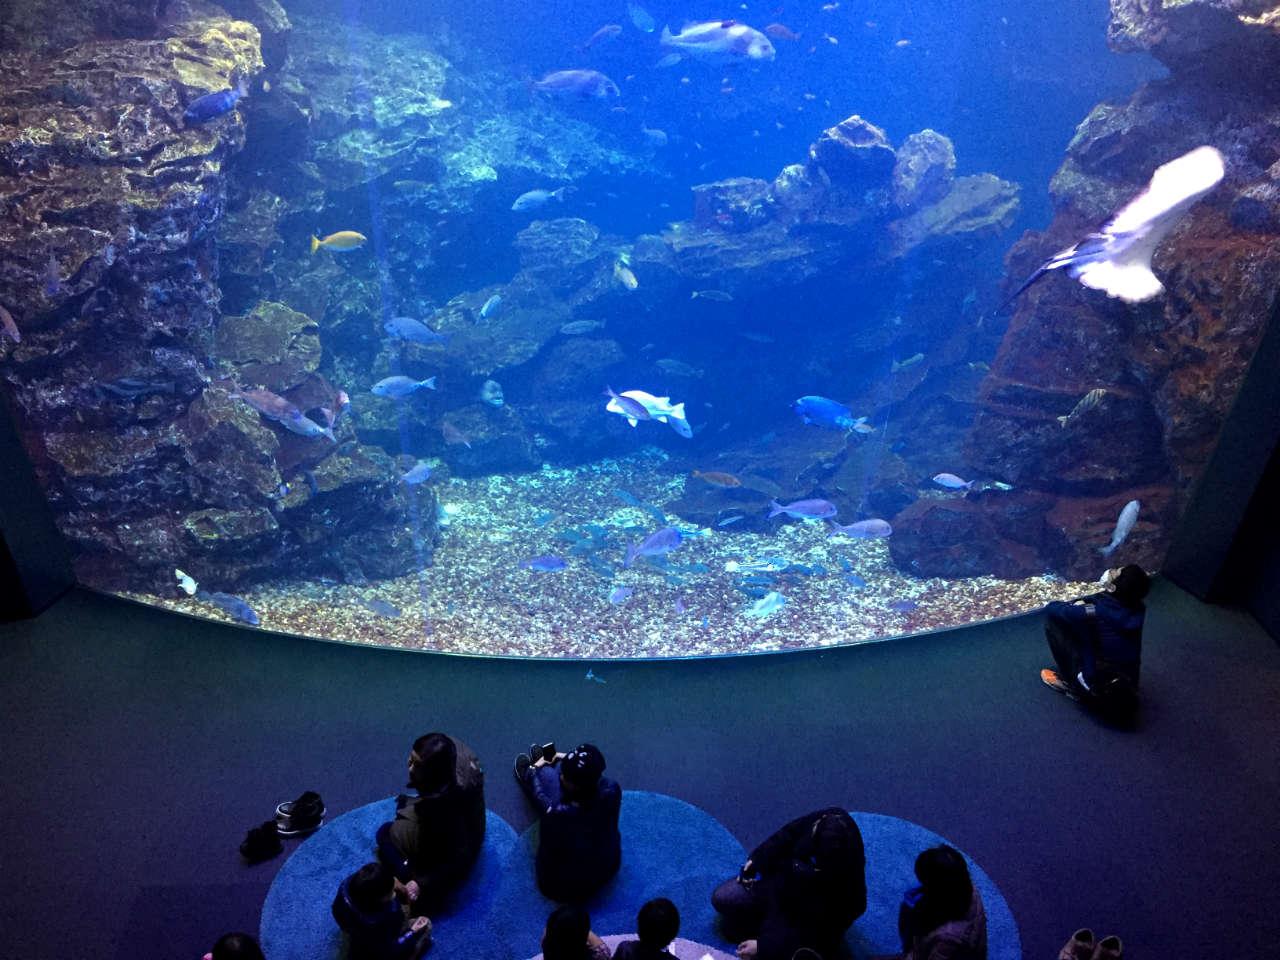 kyoto-aquarium-main2